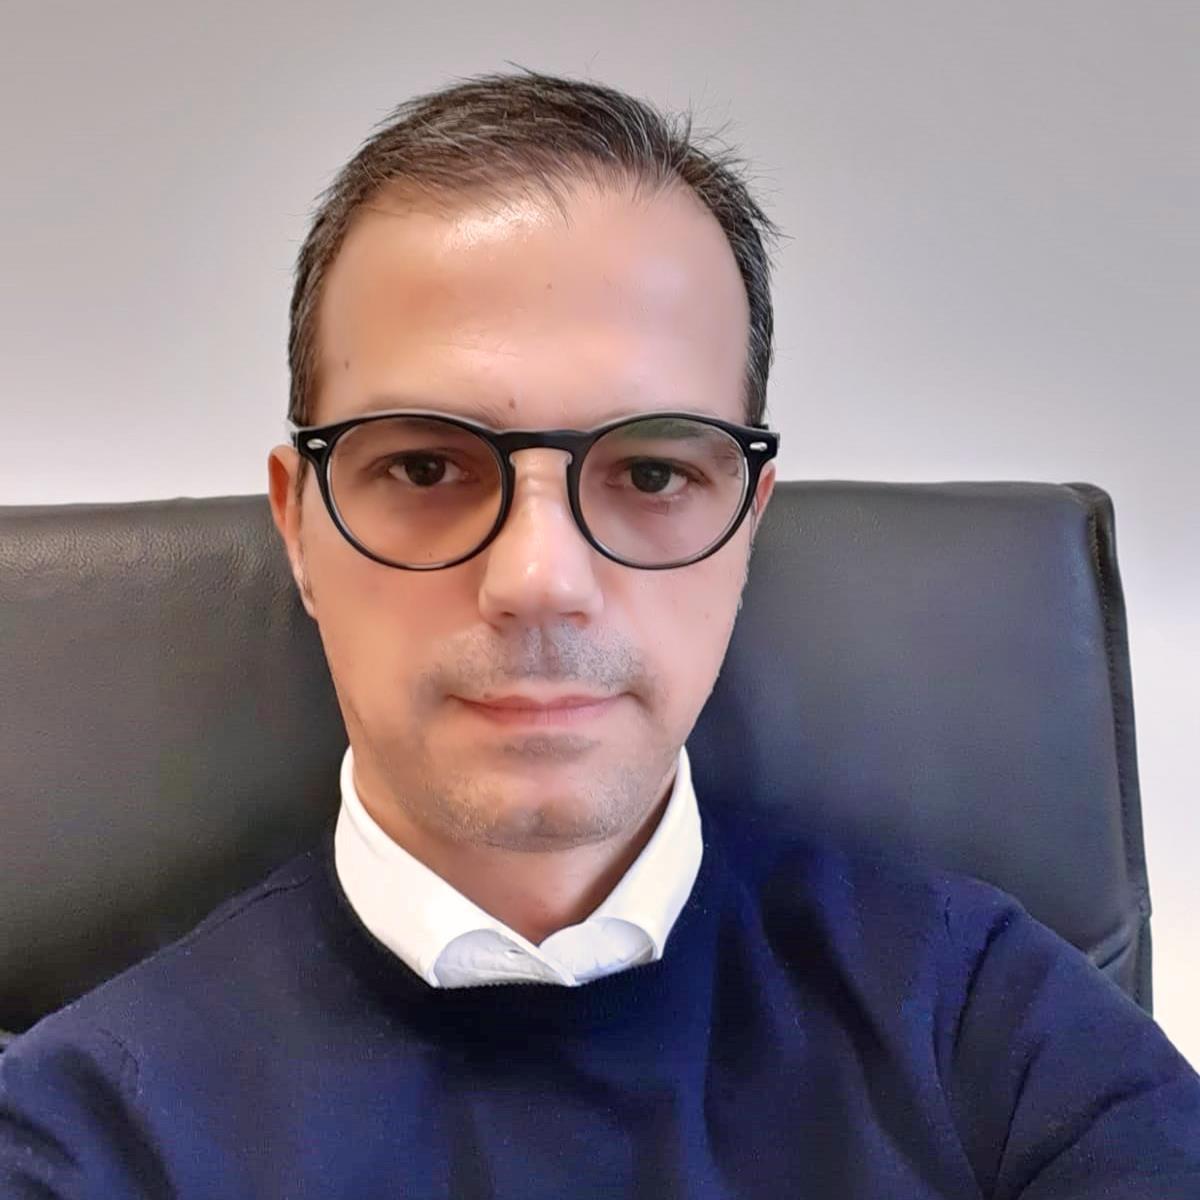 Stefano Sariconi